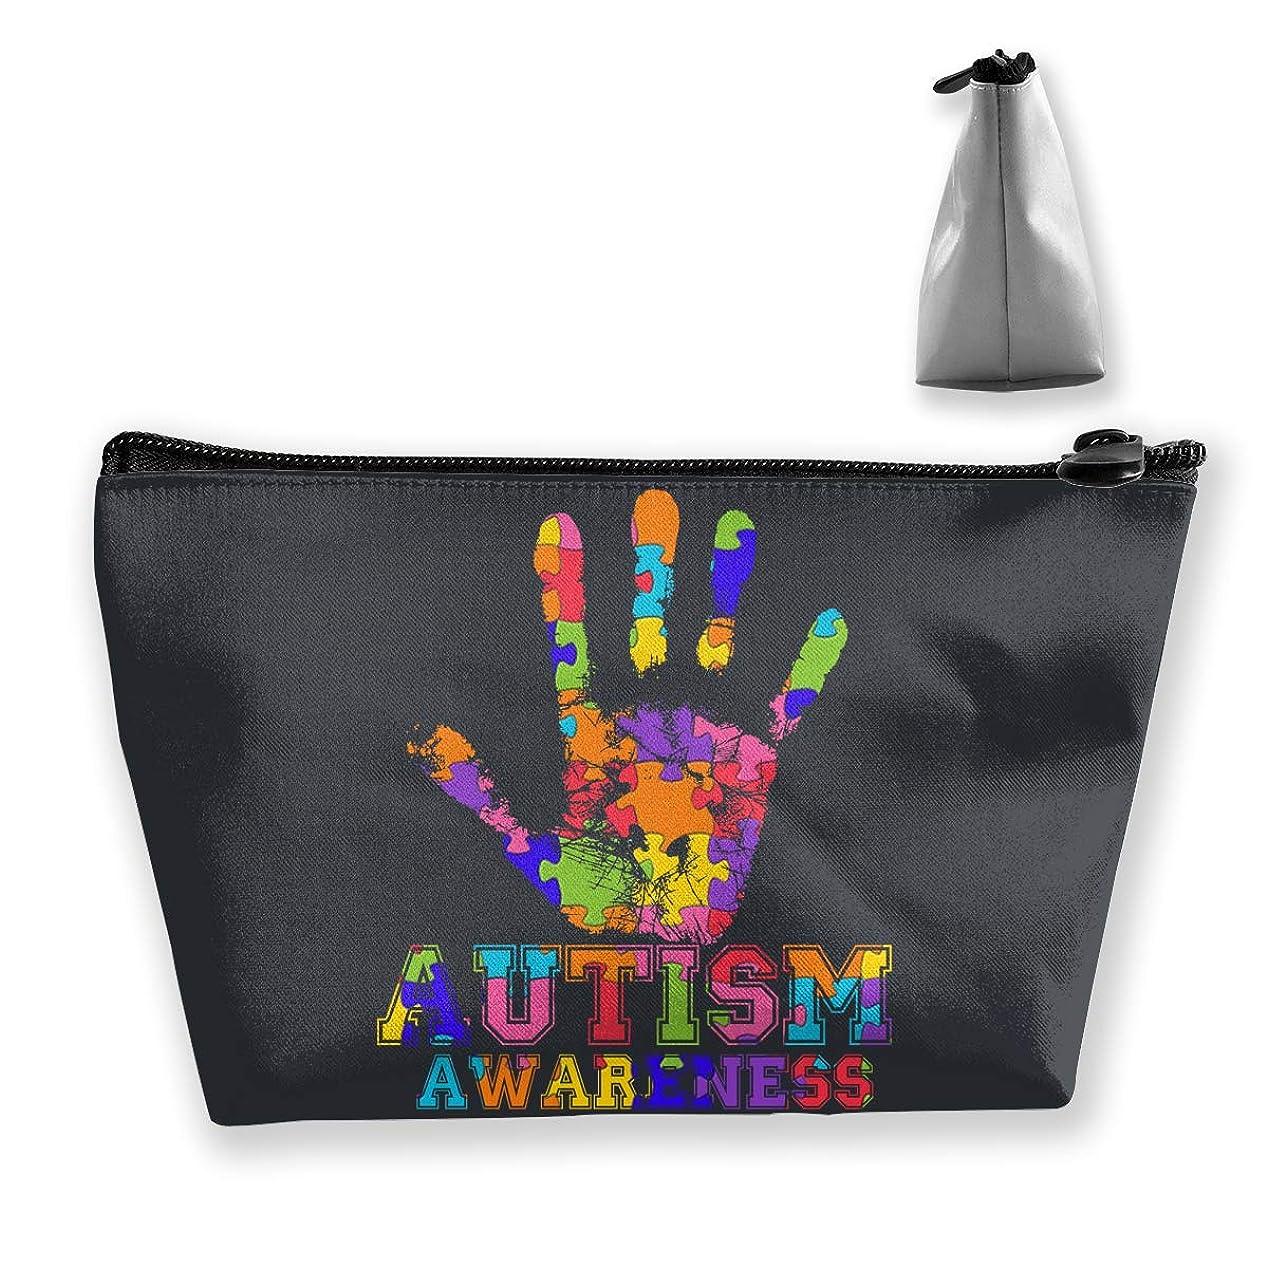 海岸ゴミ提供するSzsgqkj 自閉症意識 化粧品袋の携帯用旅行構造の袋の洗面用品の主催者